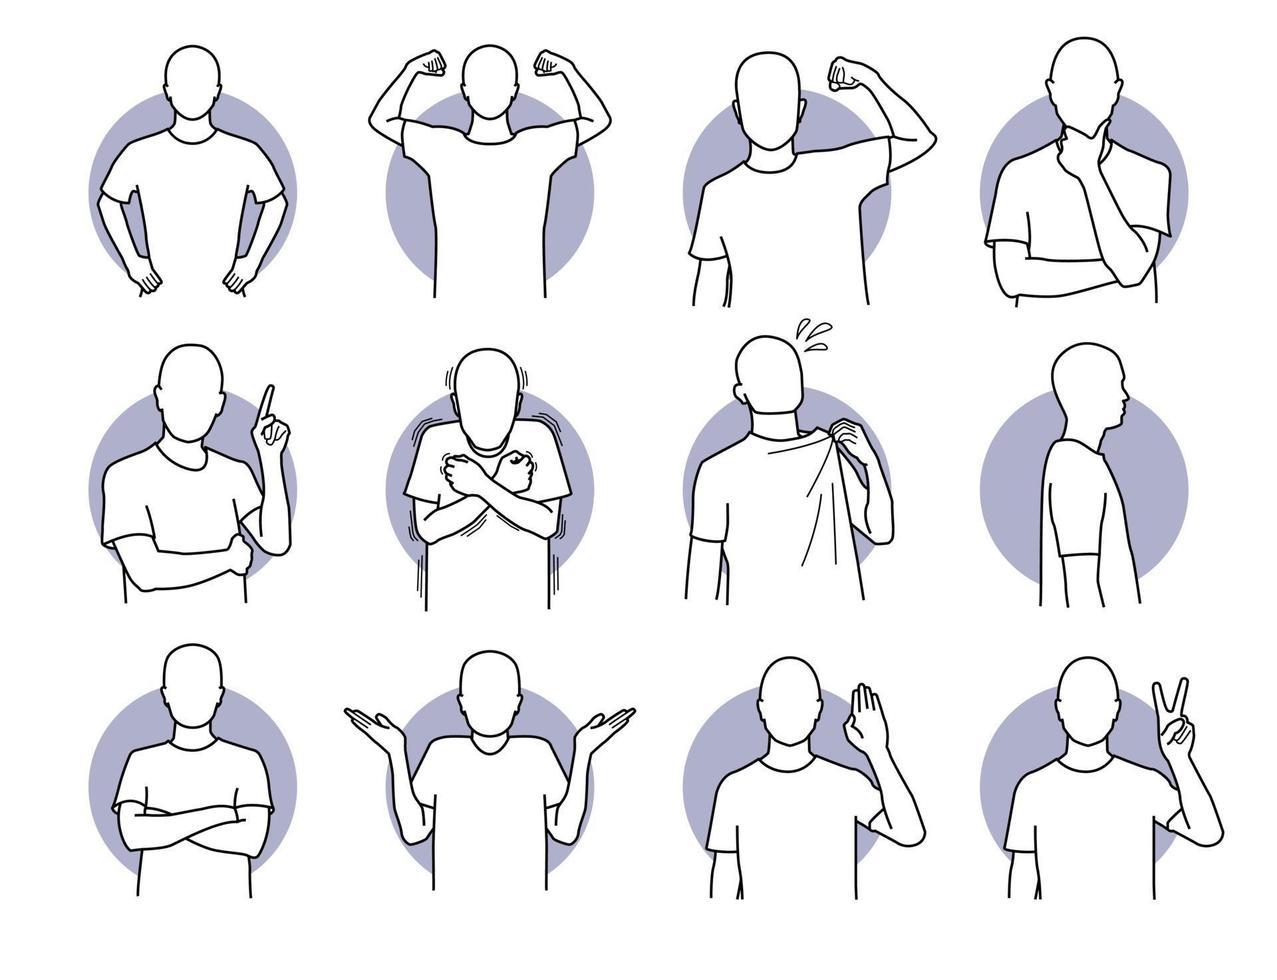 Conjunto de acciones humanas básicas y lenguajes corporales. vector